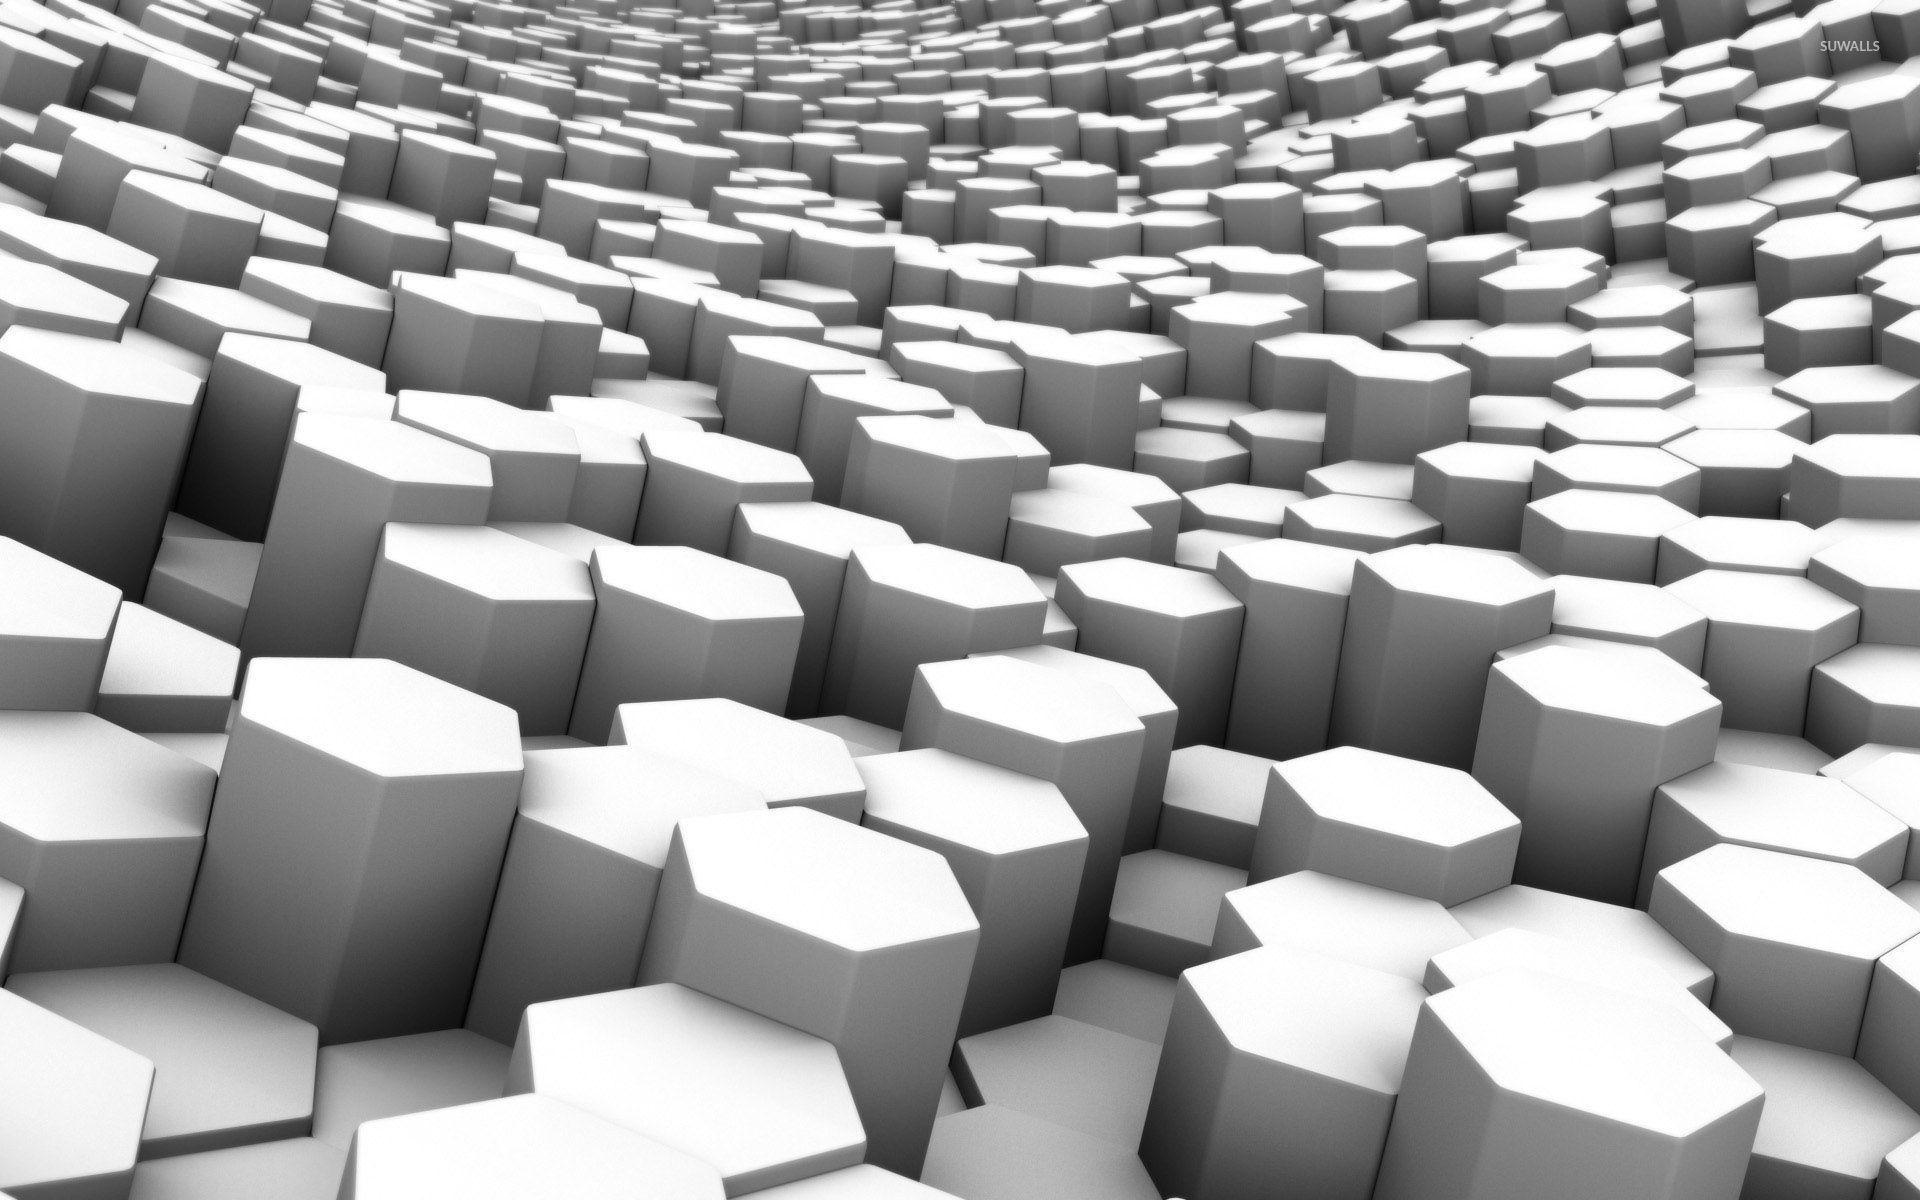 White hexagon prisms wallpaper 3d wallpapers 29995 for White 3d wallpaper